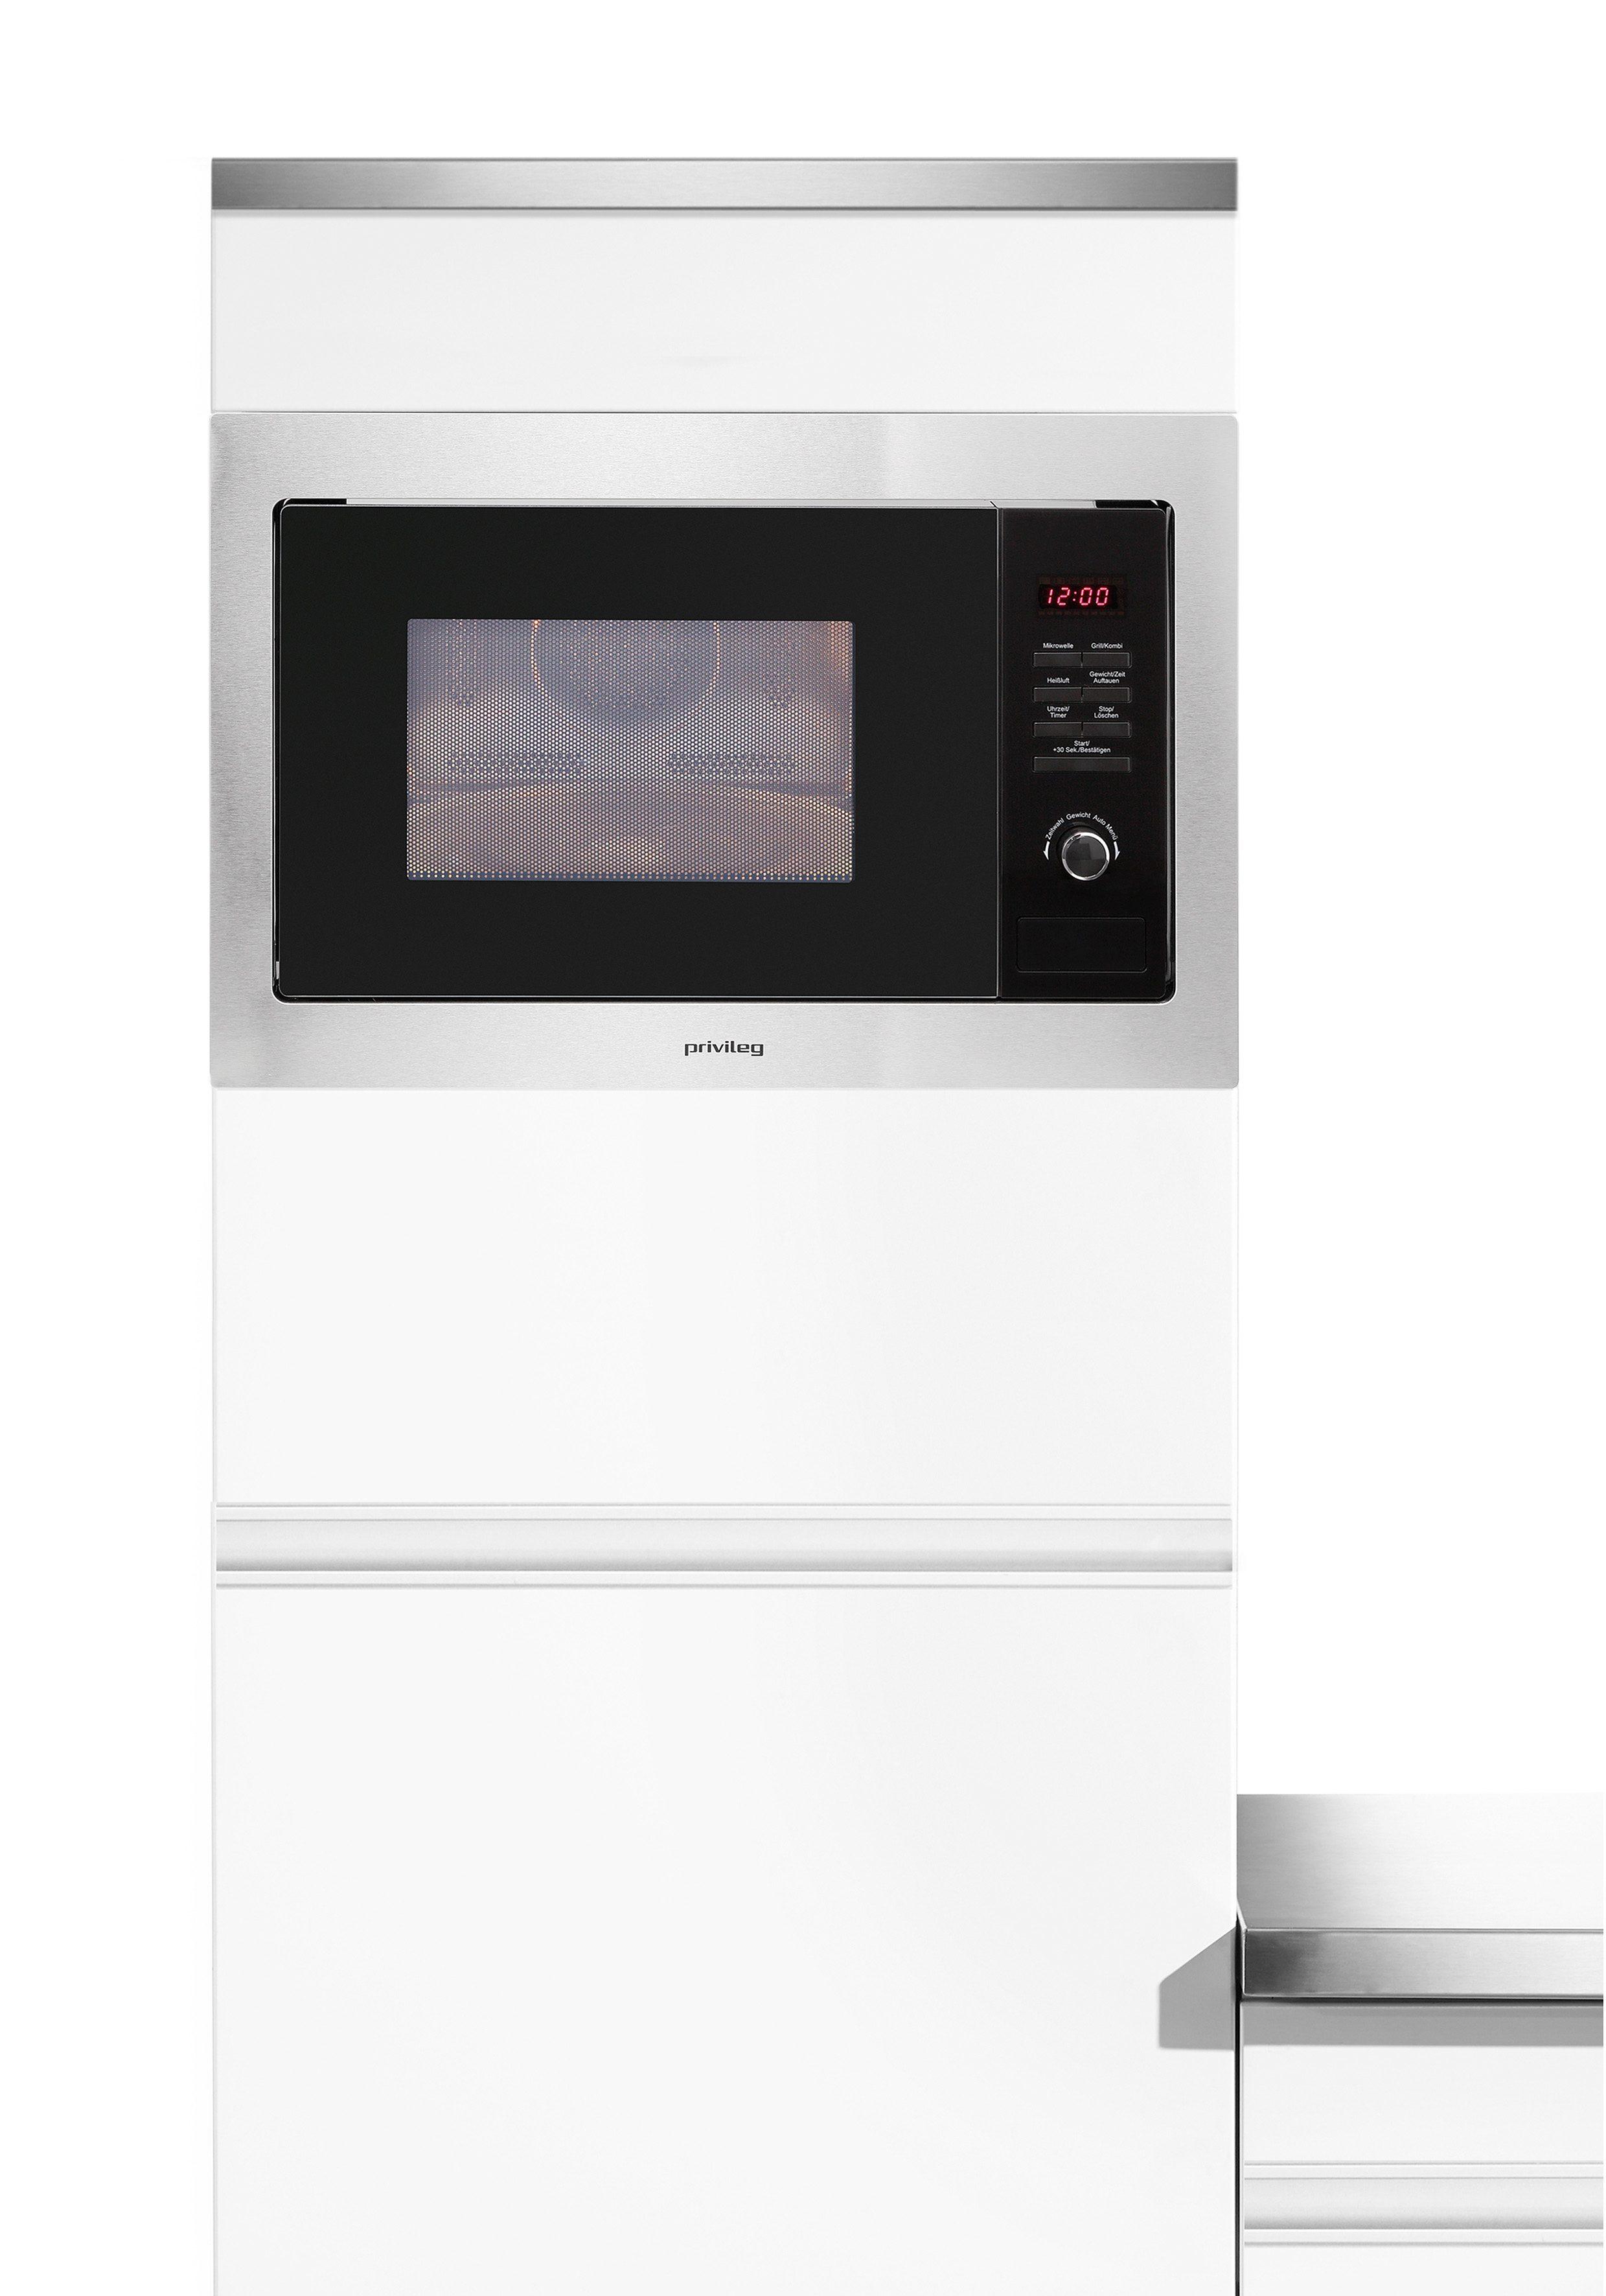 Privileg Einbau-Mikrowelle AC 925 BVE 900 W | Küche und Esszimmer > Küchenelektrogeräte > Mikrowellen | Privileg